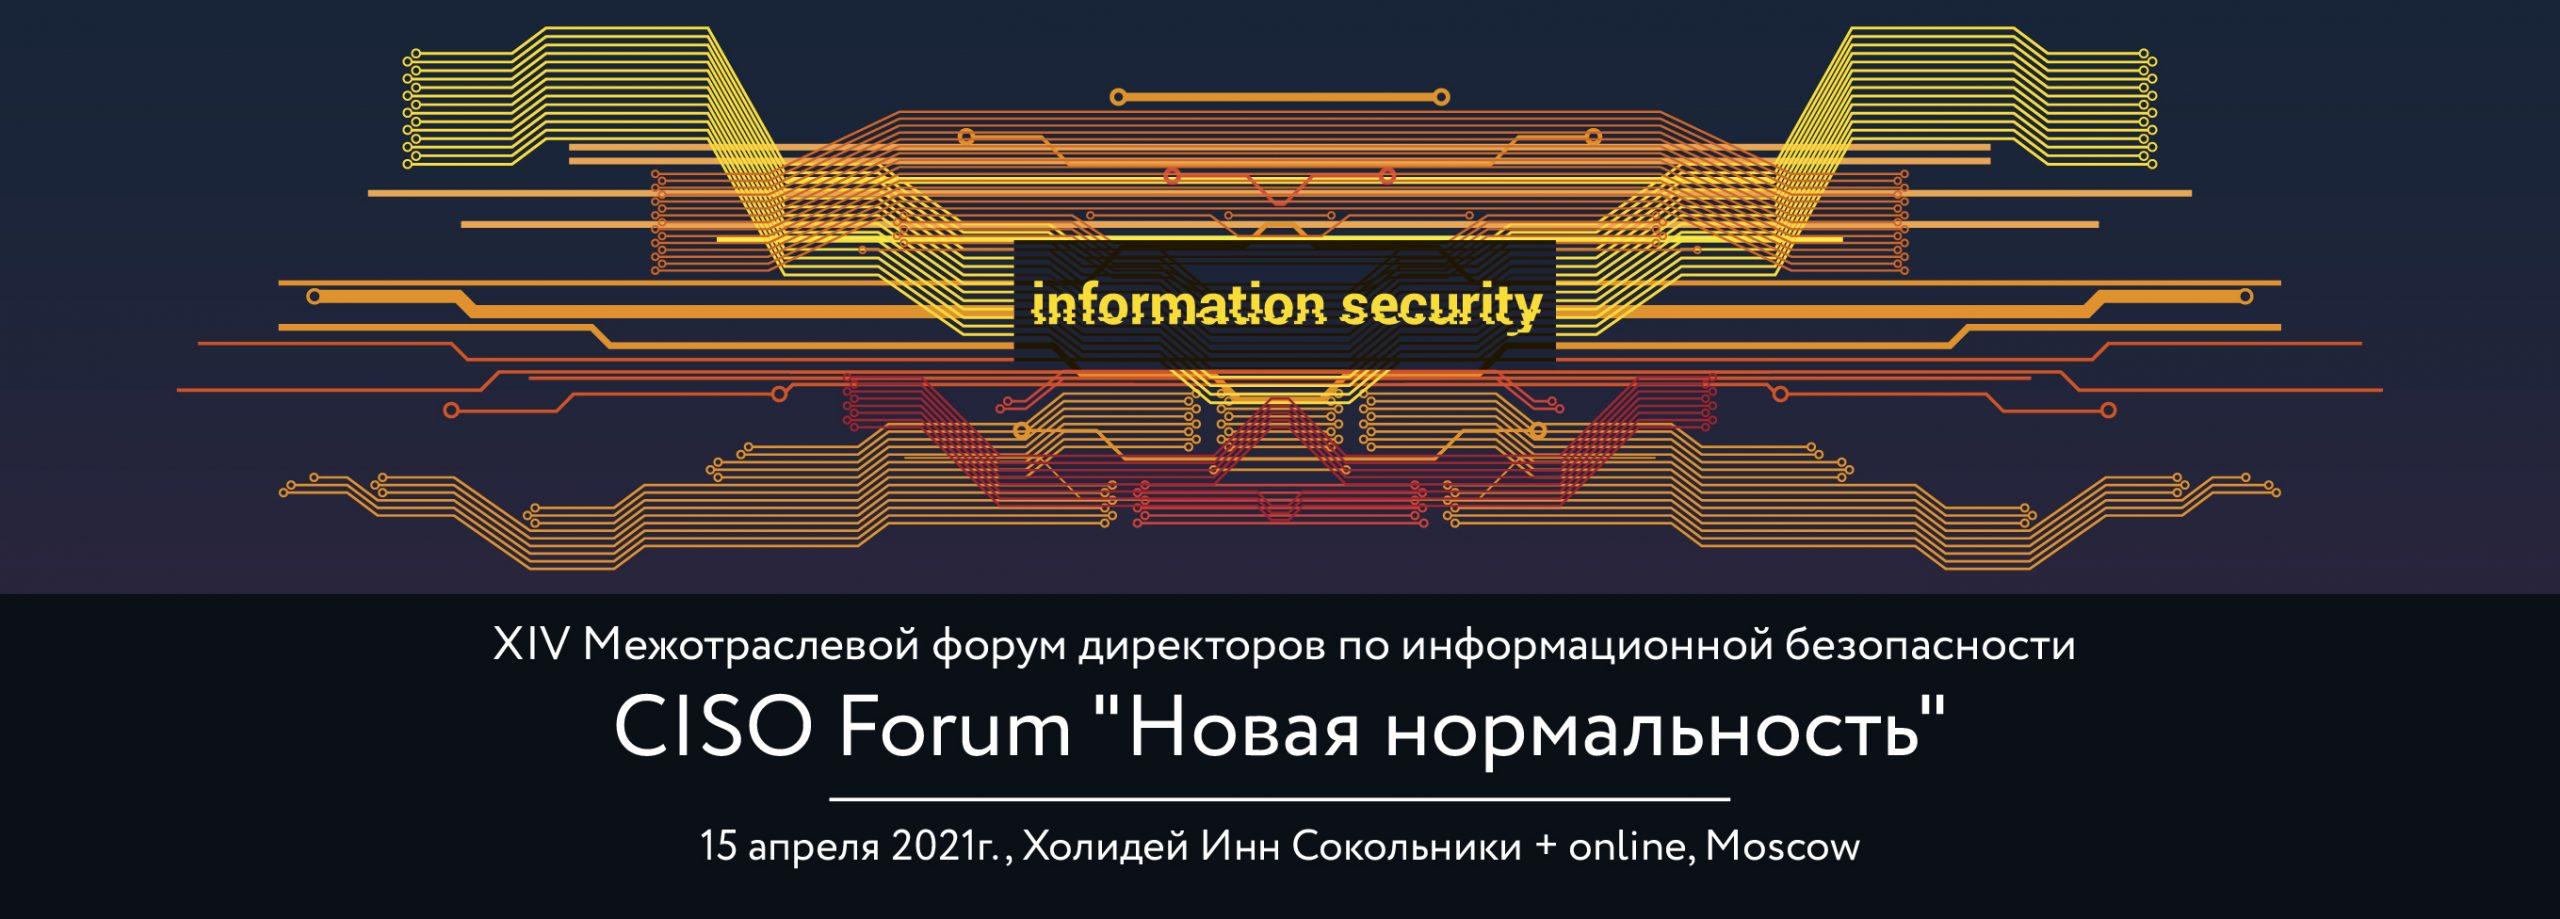 Несколько дней осталось до XIV Межотраслевого Форума «CISO FORUM: новая нормальность»